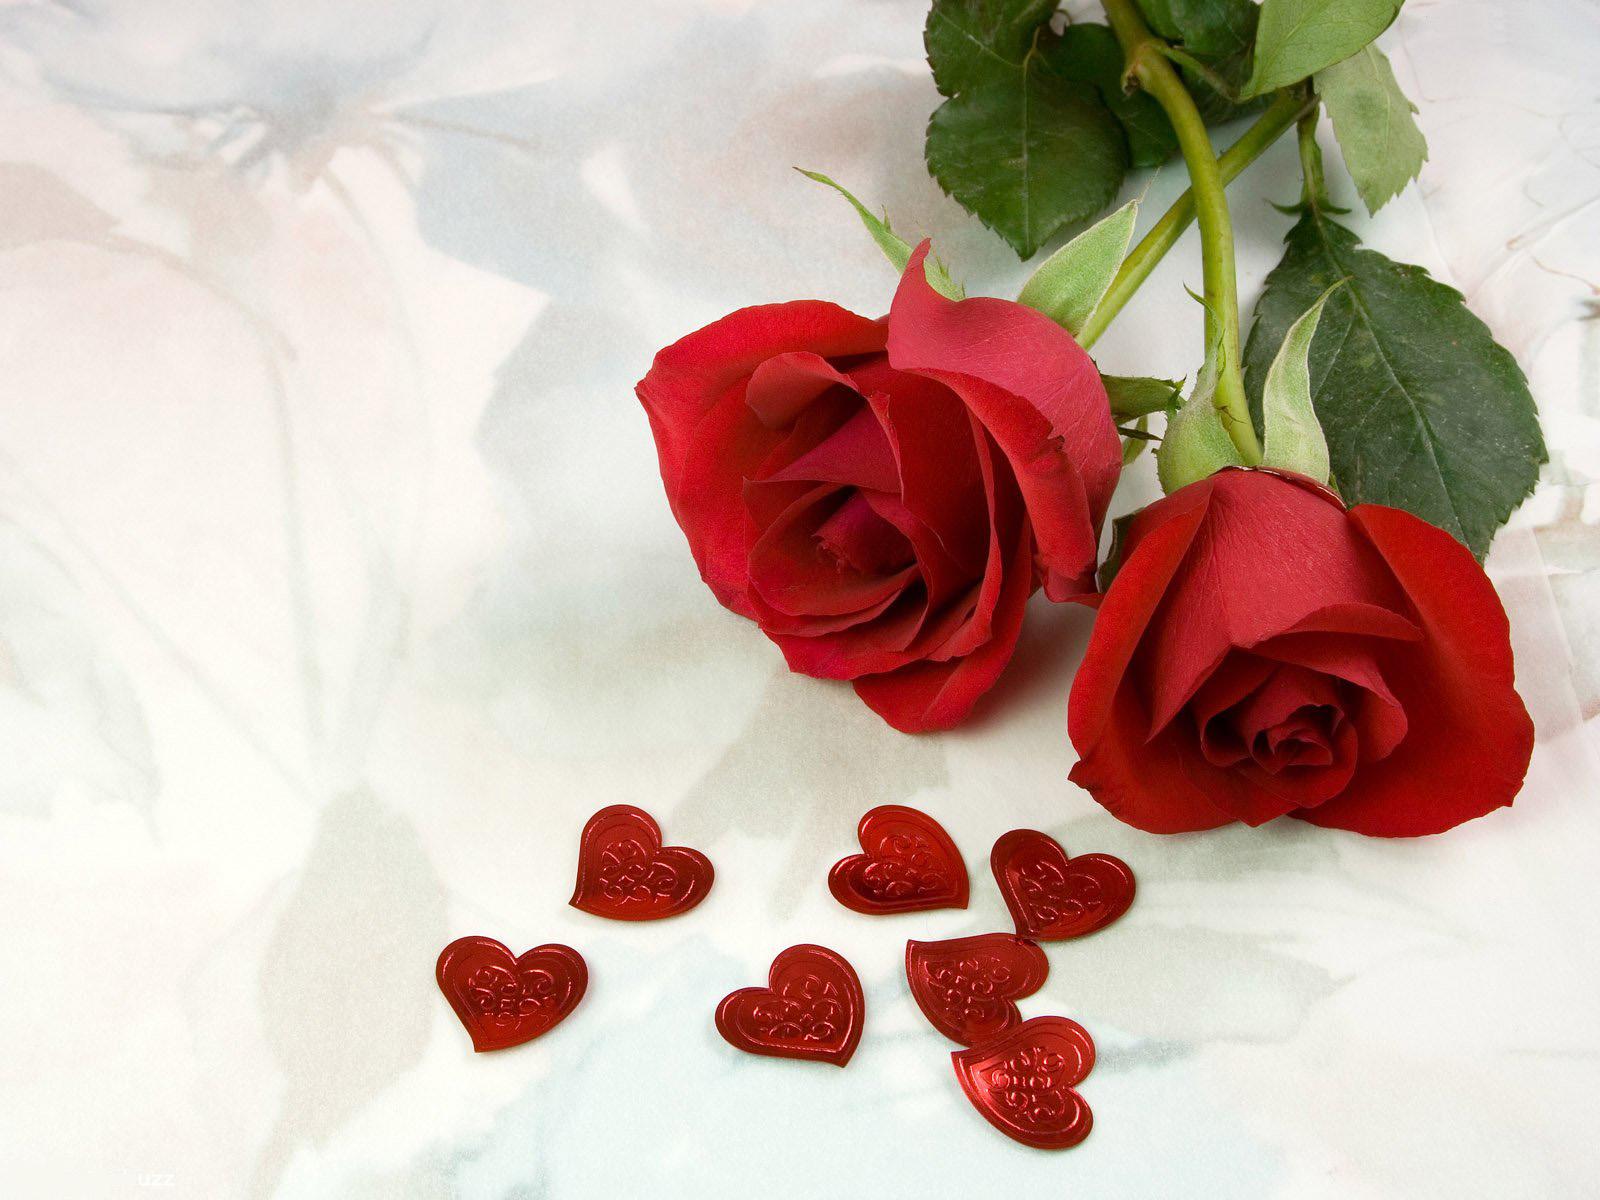 top desktop roses wallpapers hd rose wallpaper 1 two red rosesjpg 1600x1200